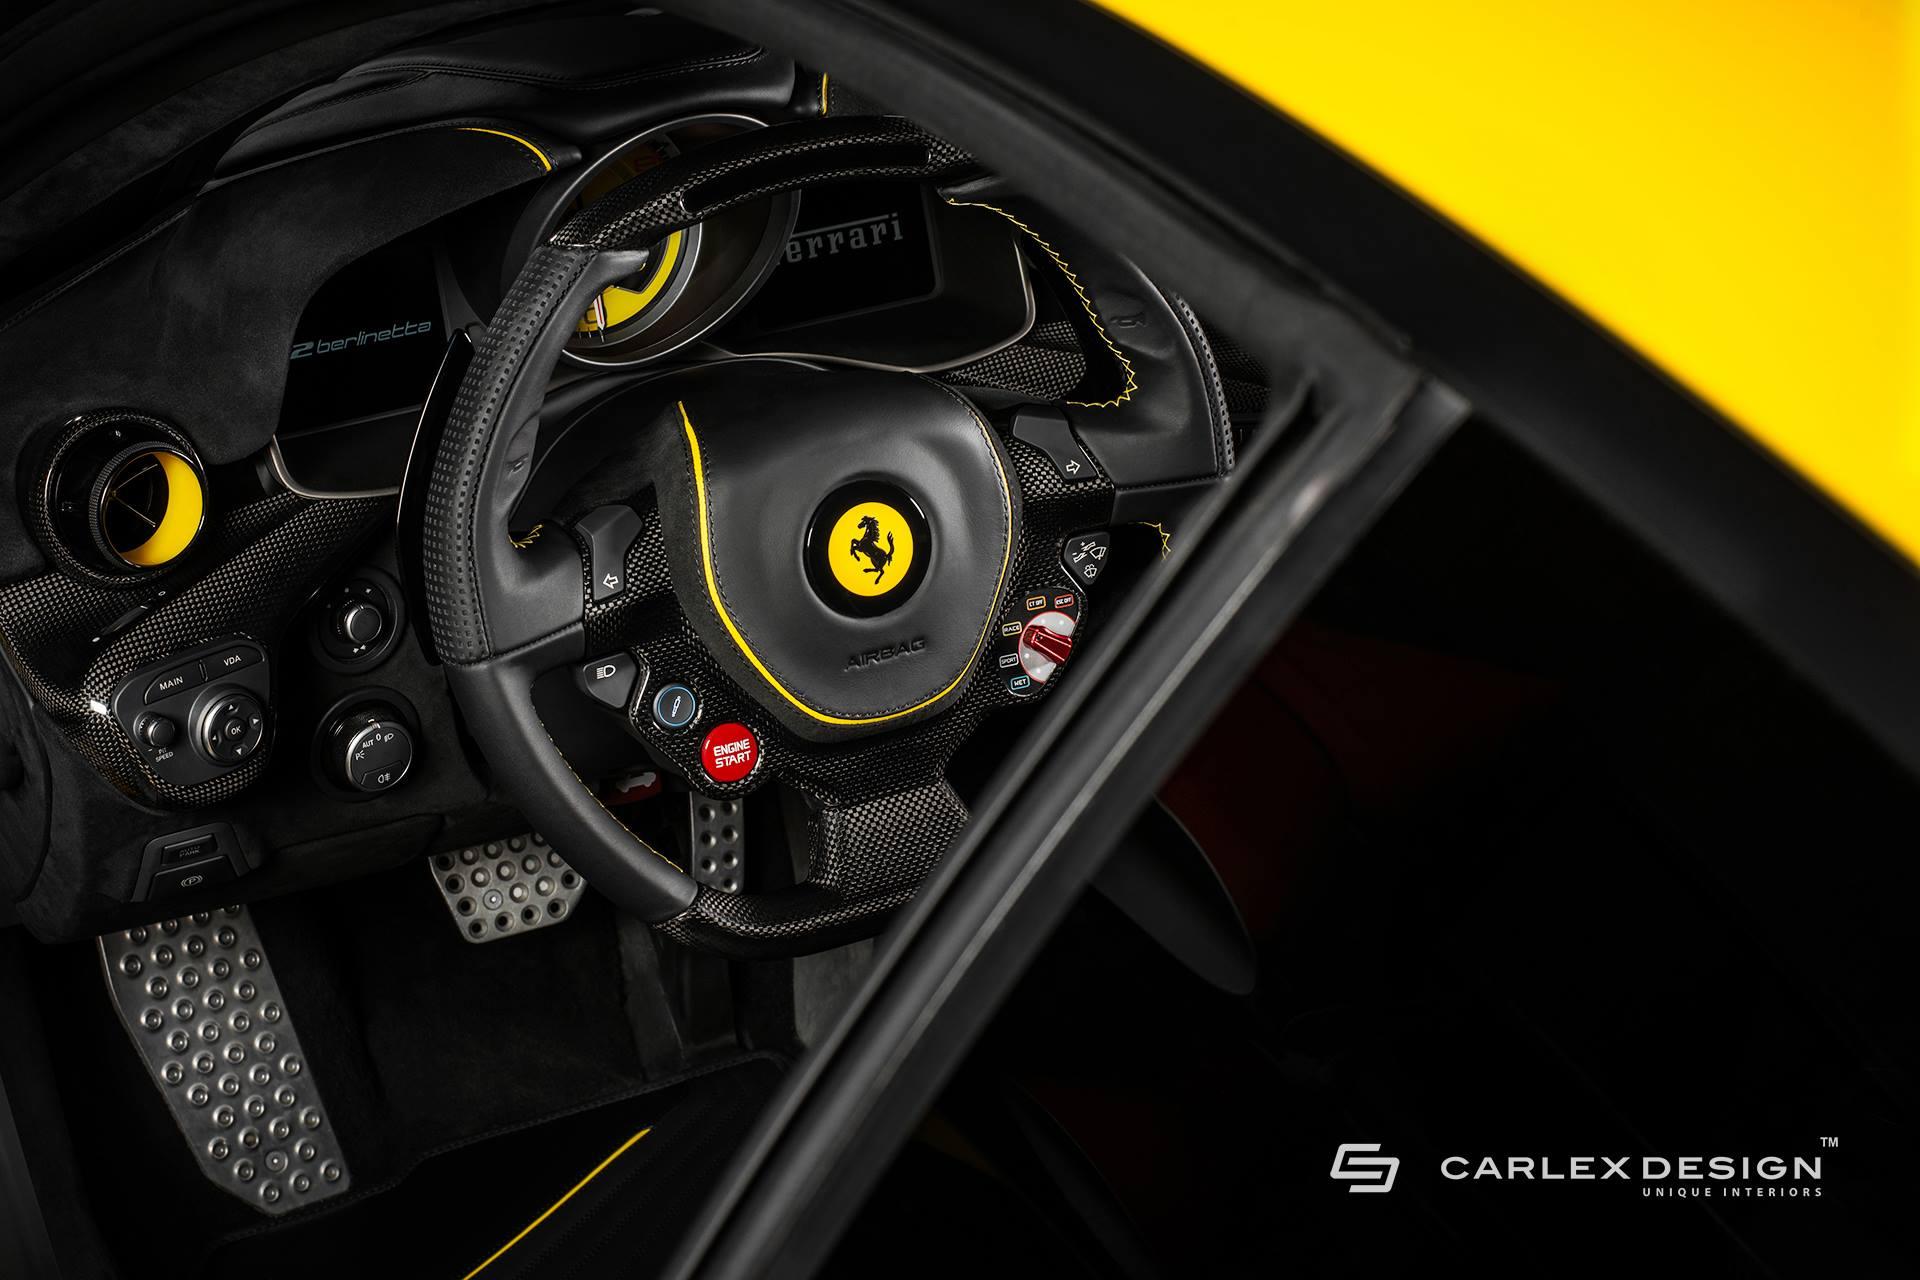 Ferrari F12berlinetta by Carlex Design (14)